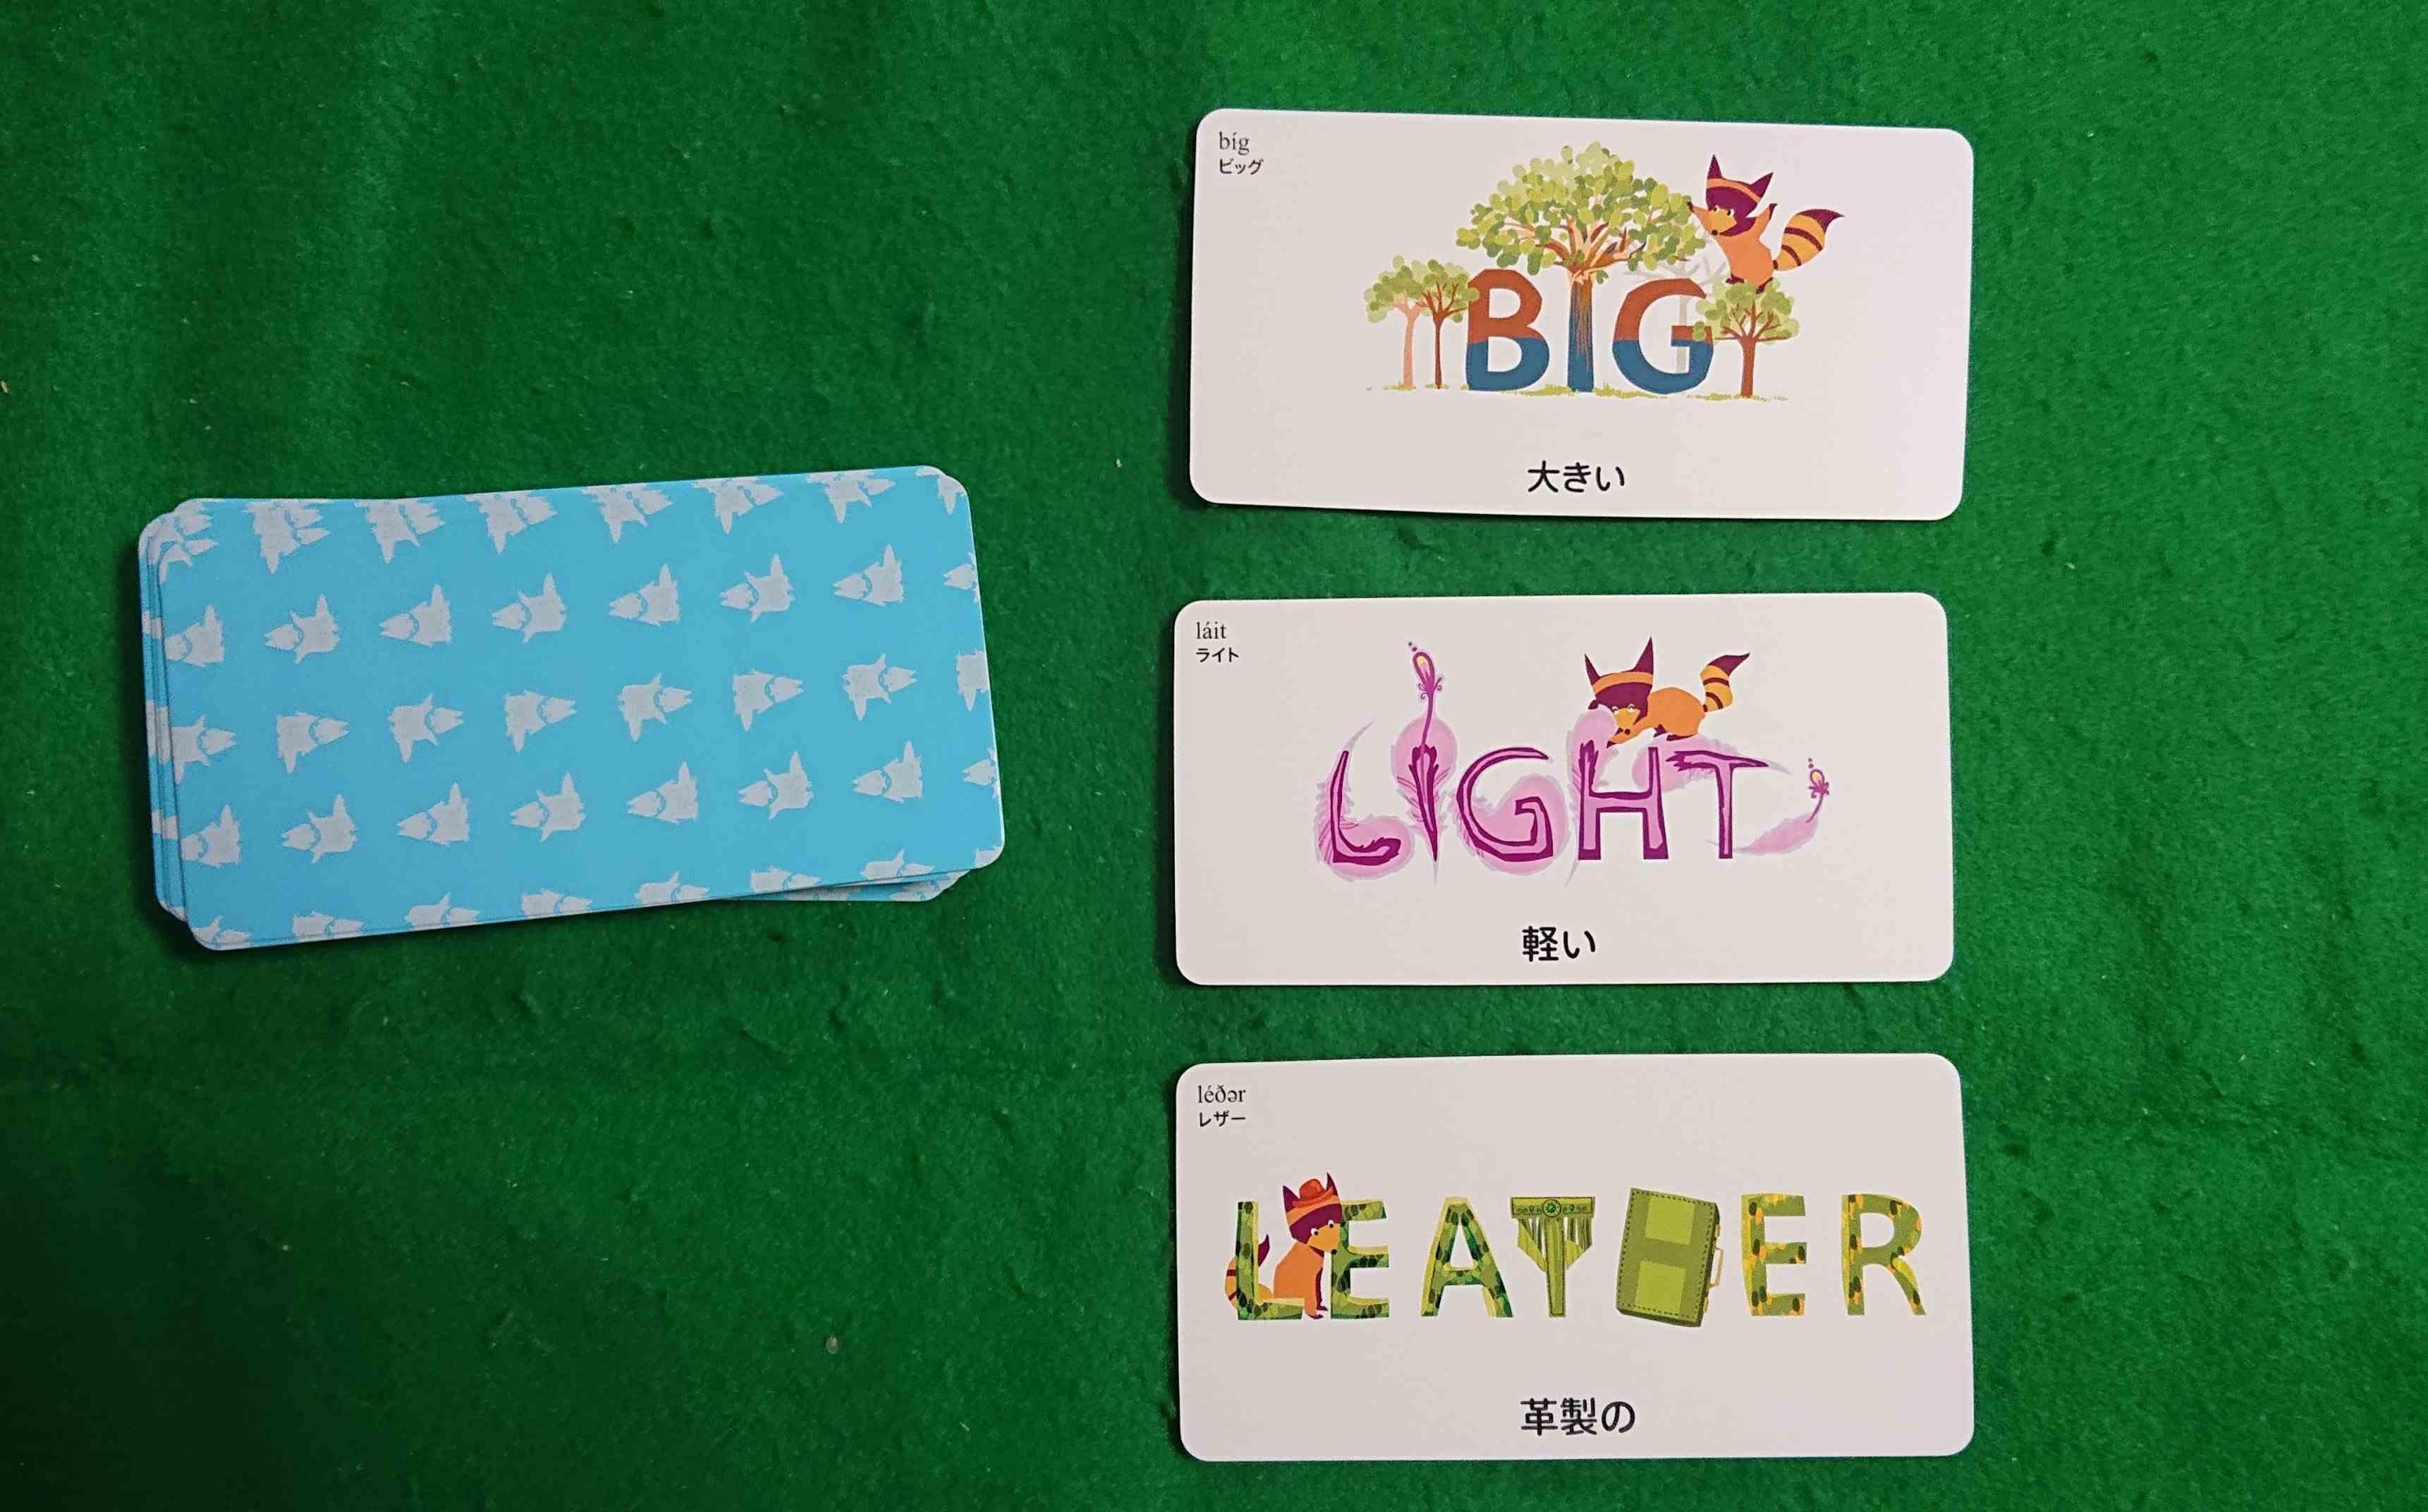 さまことば 「おそろしい」「べとつく」「丸い」って何? 連想する言葉を探しましょう! 子供と一緒に楽しめるカードゲーム ボードゲーム